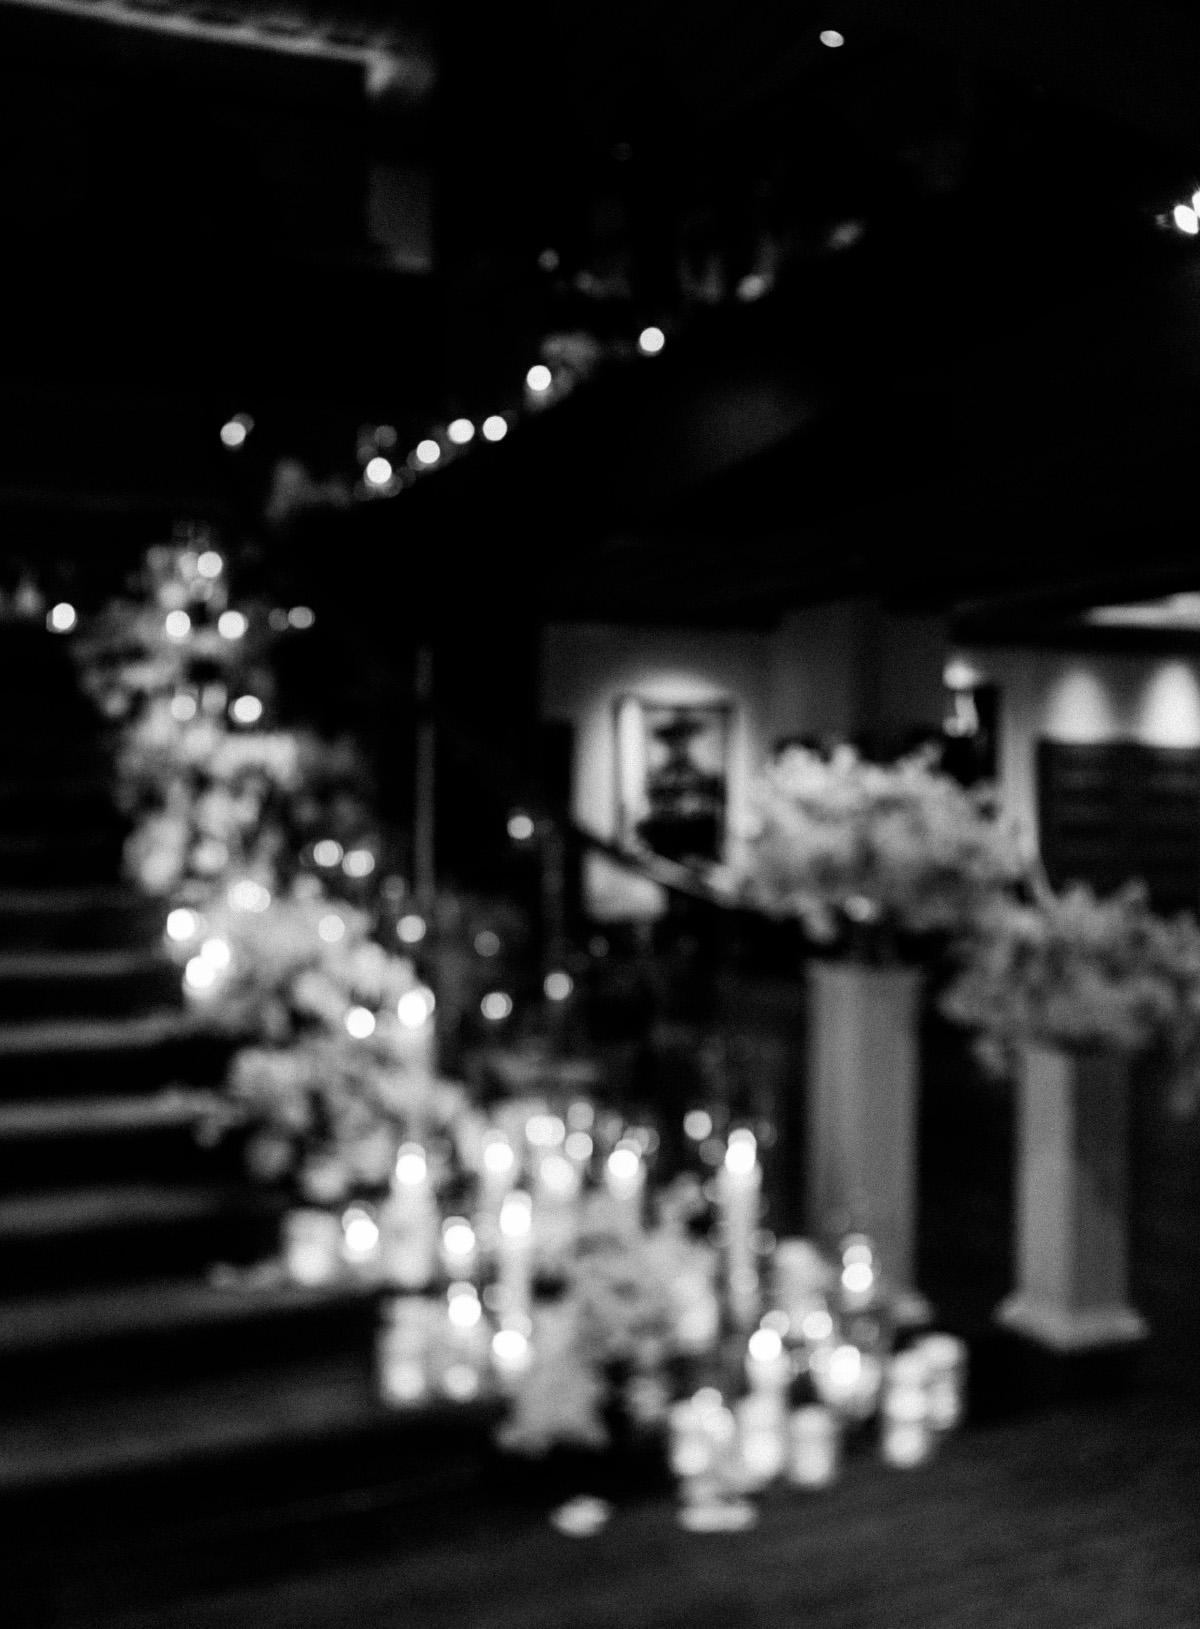 The Alpina Gstaad, Luxury Wedding Switzerland, Luxus Hochzeit, Elie Saab, Hochzeitsblumen, Hochzeitsdekoration, Hochzeitsfloristik, Floristik, Dekoration, Floral Designer, Tabea Maria-Lisa, David and Kathrin, Fine Art Flowers, Fine Art Wedding, Wedding Flowers, White, Orchids, Zürich, Bern, Winterthur, Basel, Luzern, Blumen, Brautstrauss, Abenddekoration, Reception, Ceremony Flowers, Bridal Bouquet, Saanen Kirche, Saanen